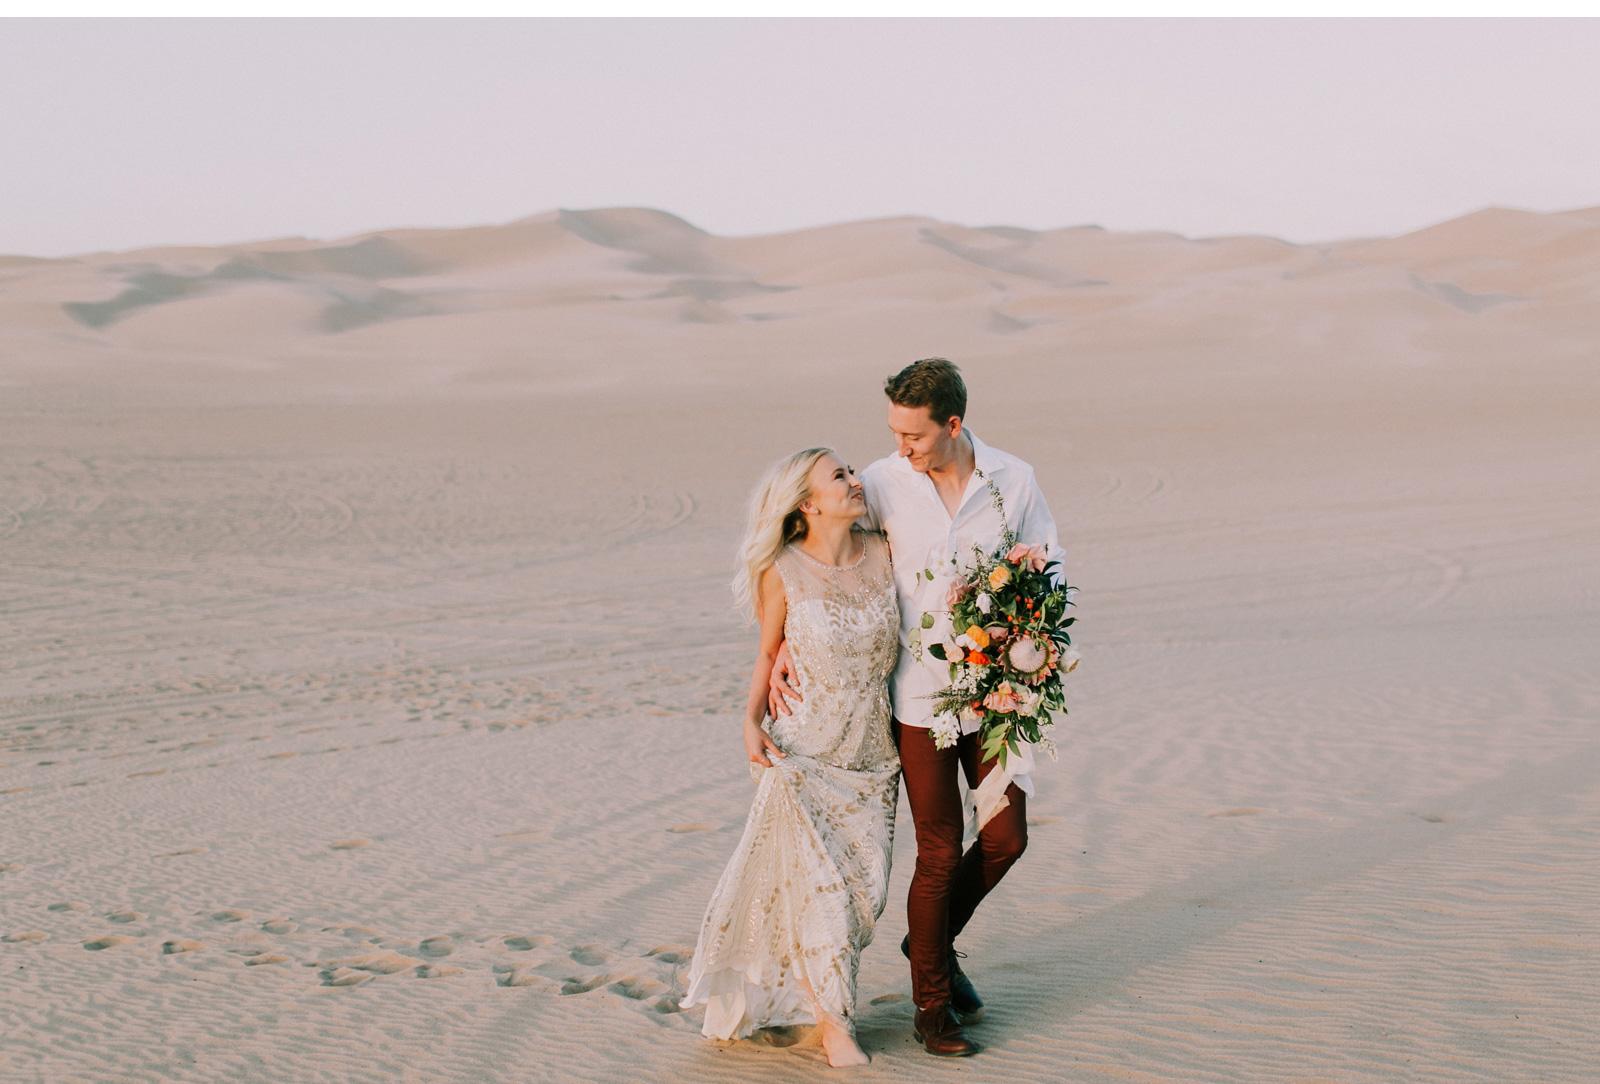 Adventure-Wedding-Green-Wedding-Shoes-Natalie-Schutt-Photography_12.jpg